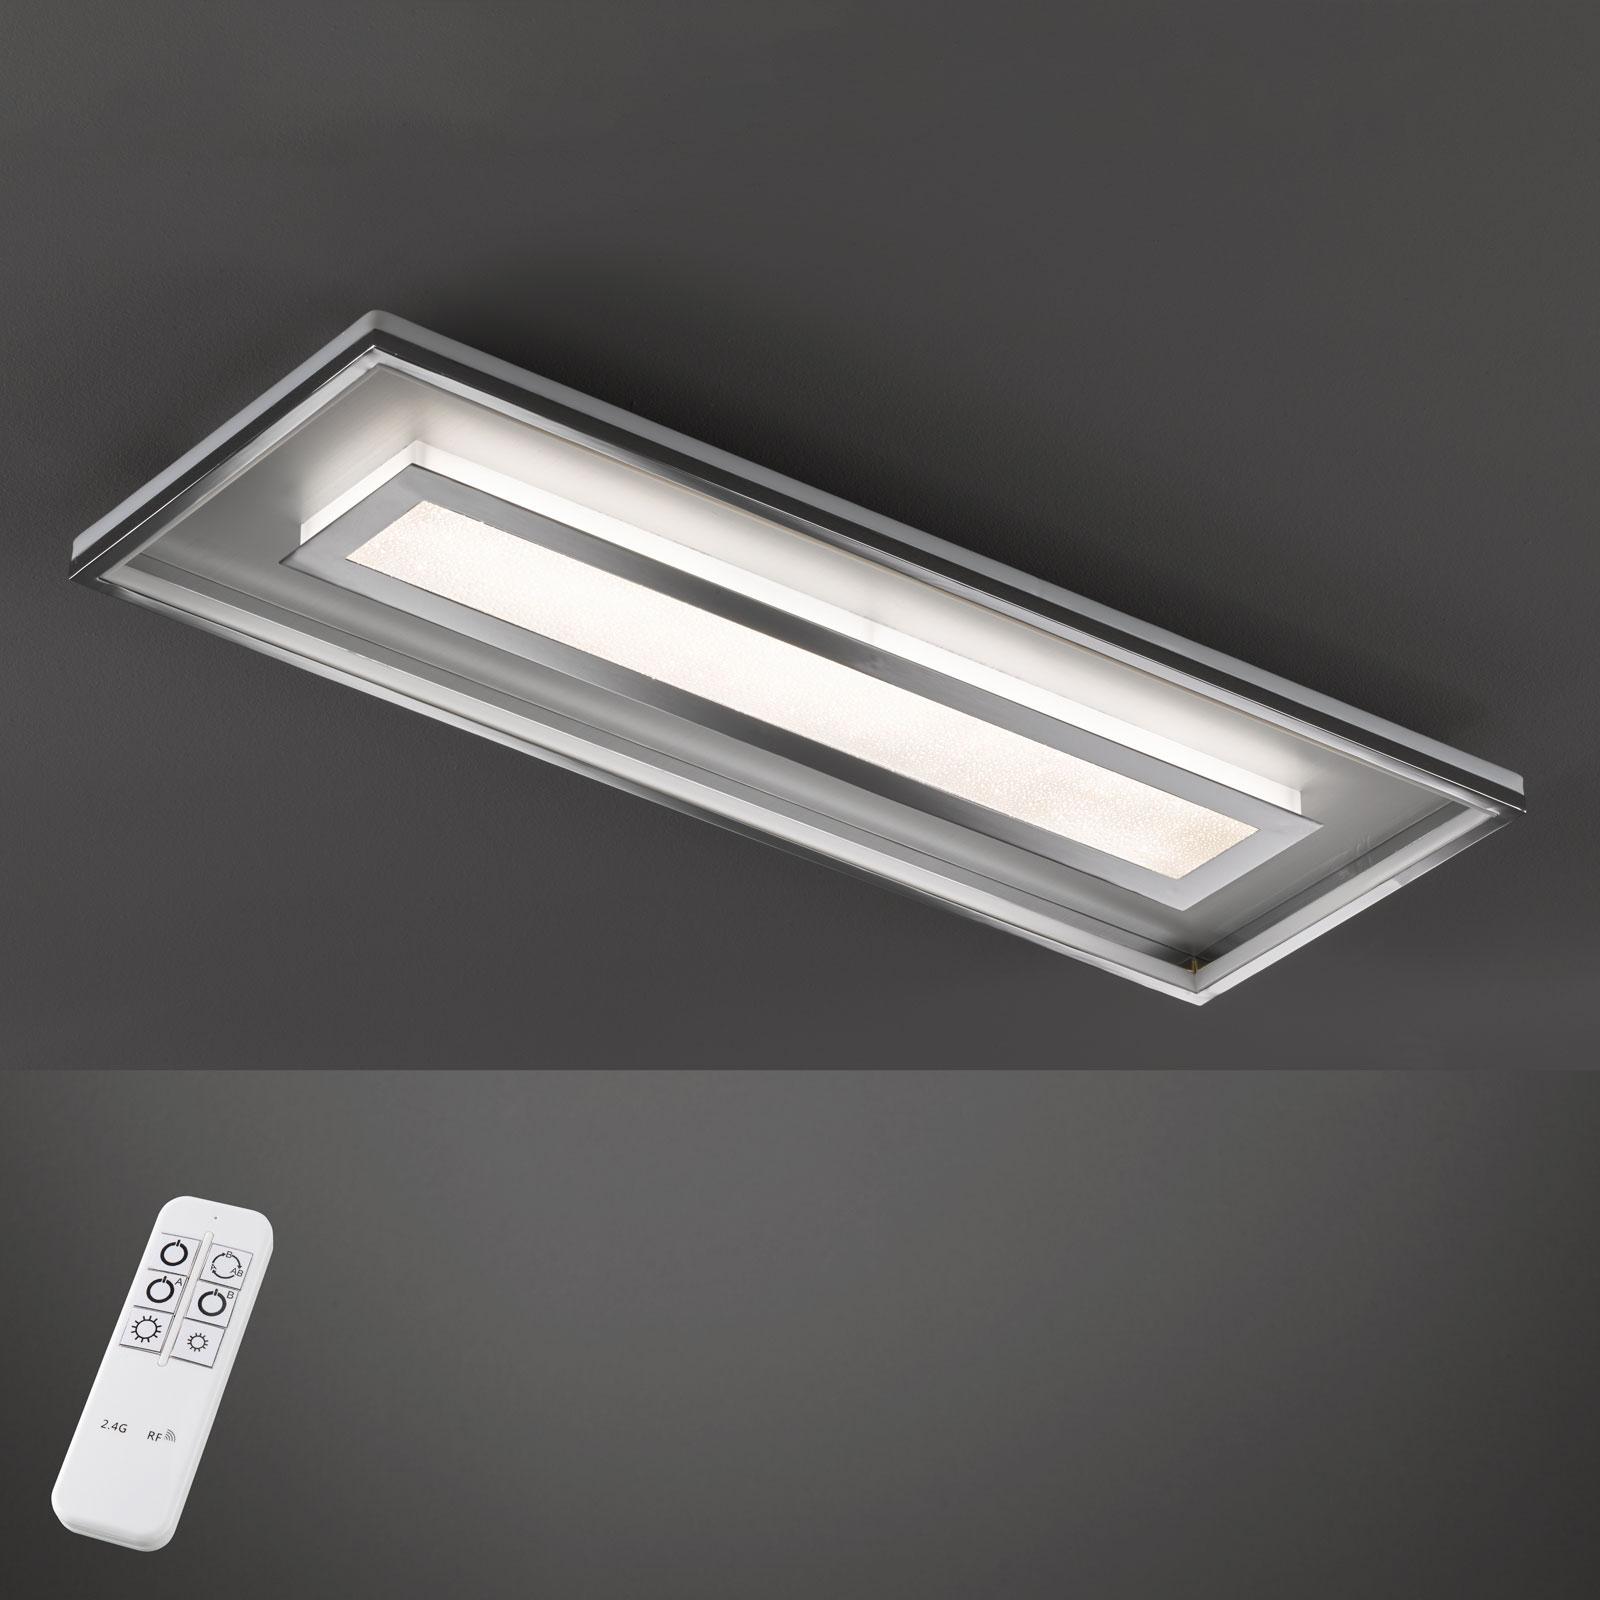 LED-taklampe Bug, rektangel, 120x40 cm, krom